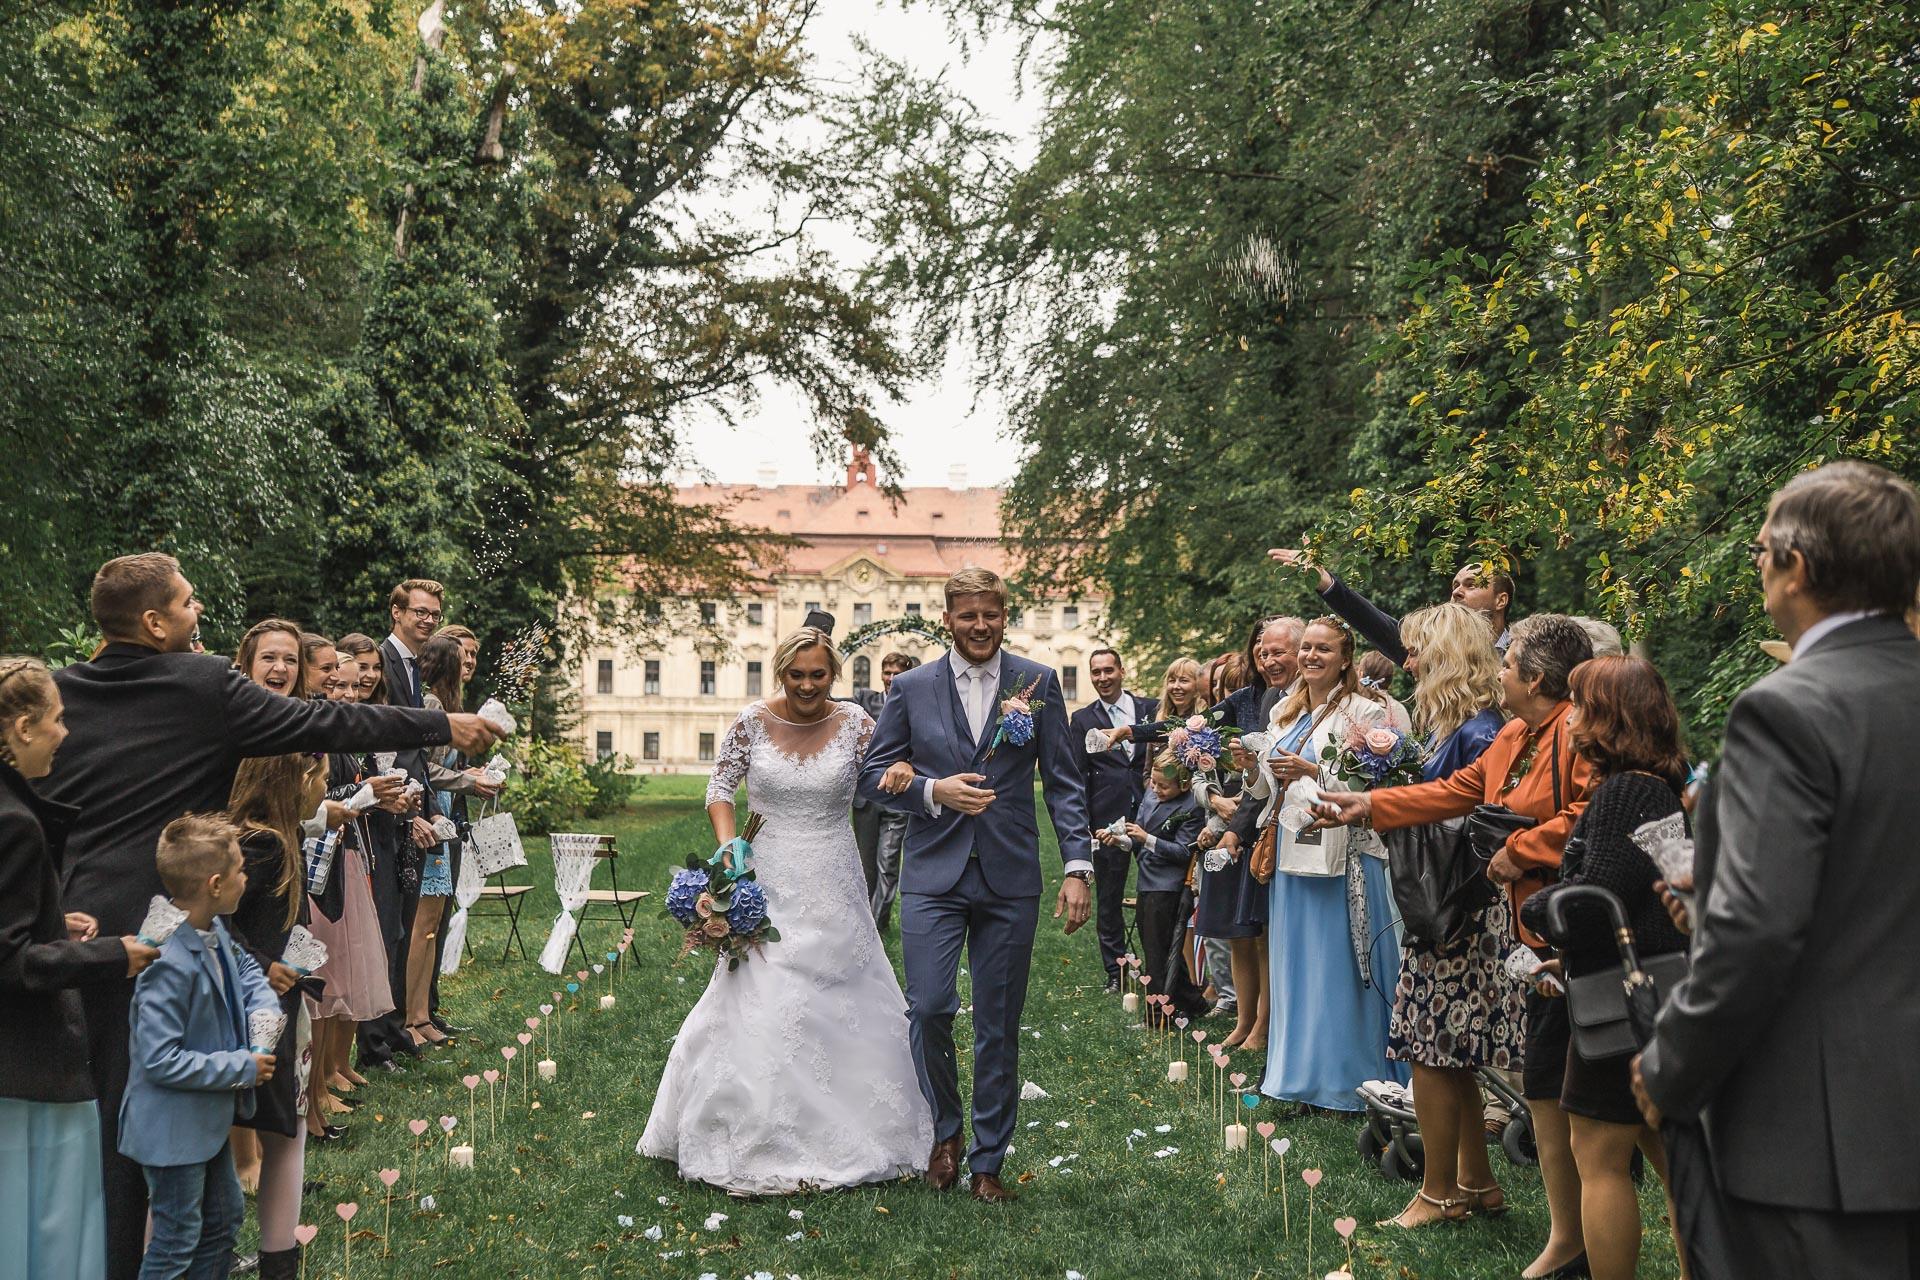 Svatební-fotograf-zámecký-park-Měšice-Svatba-Měšice-u-Prahy-7307